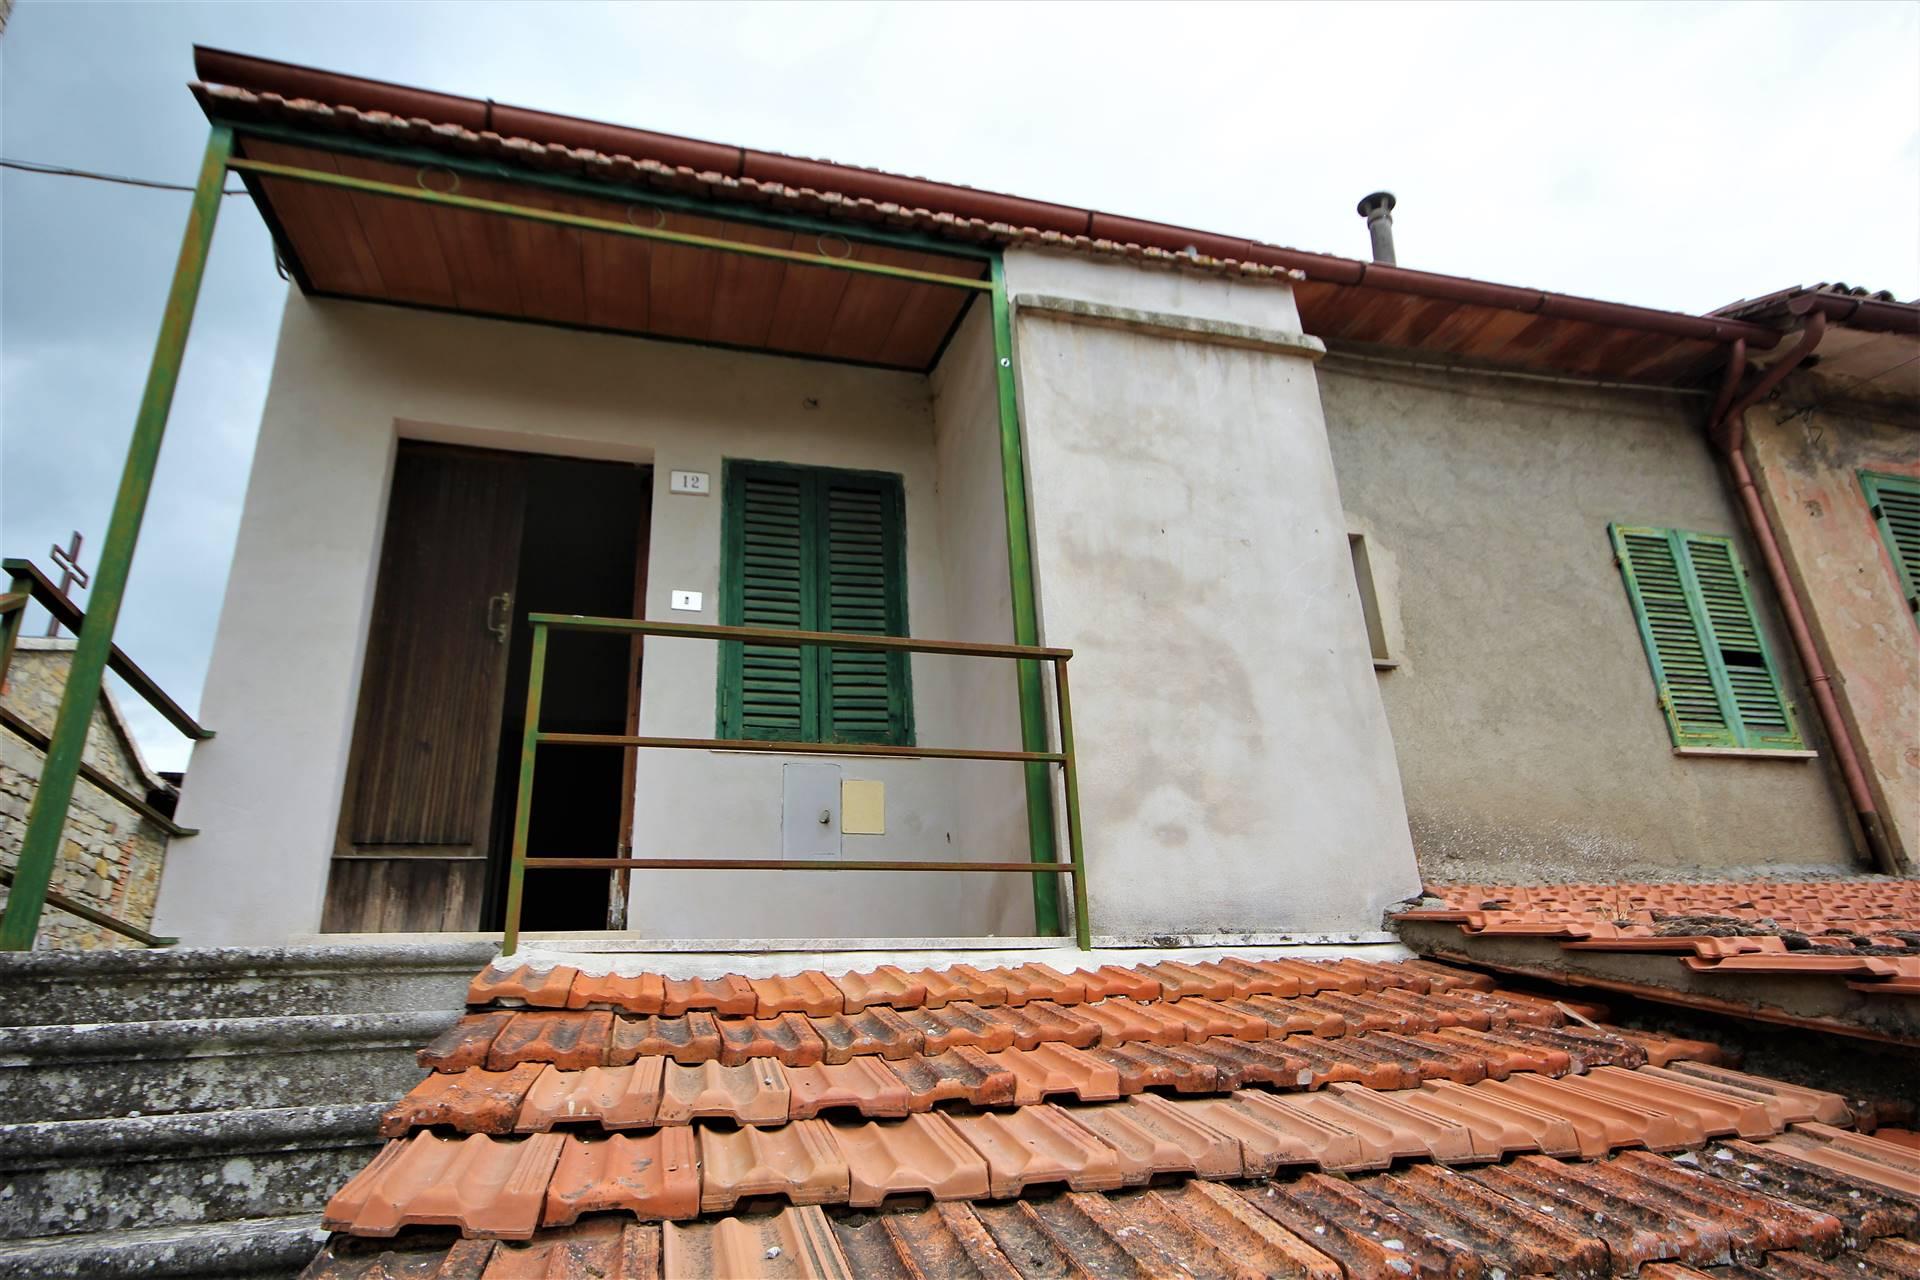 Appartamento in vendita a Fabro, 3 locali, zona Zona: Fabro Scalo, prezzo € 17.000   CambioCasa.it